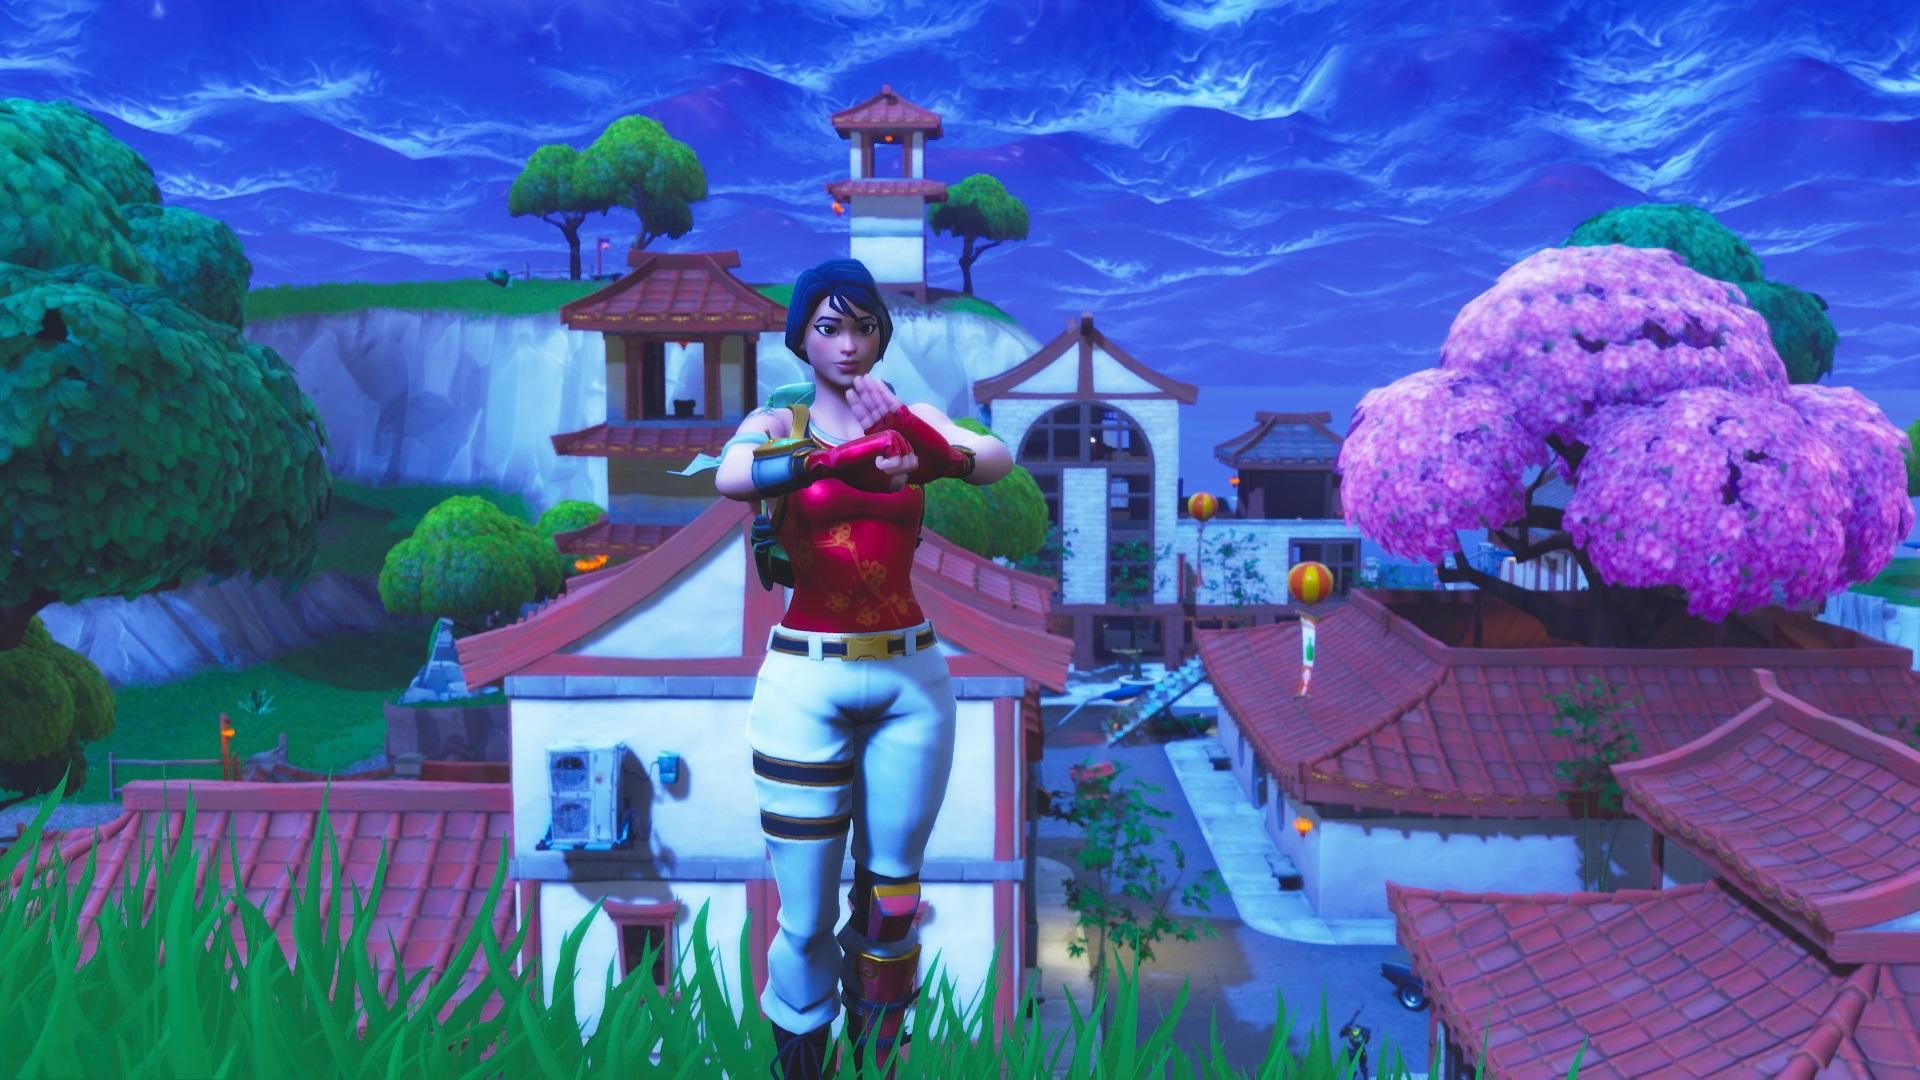 Wallpaper] Scarlet the Defender Hope you all enjoy FortNiteBR 1920x1080